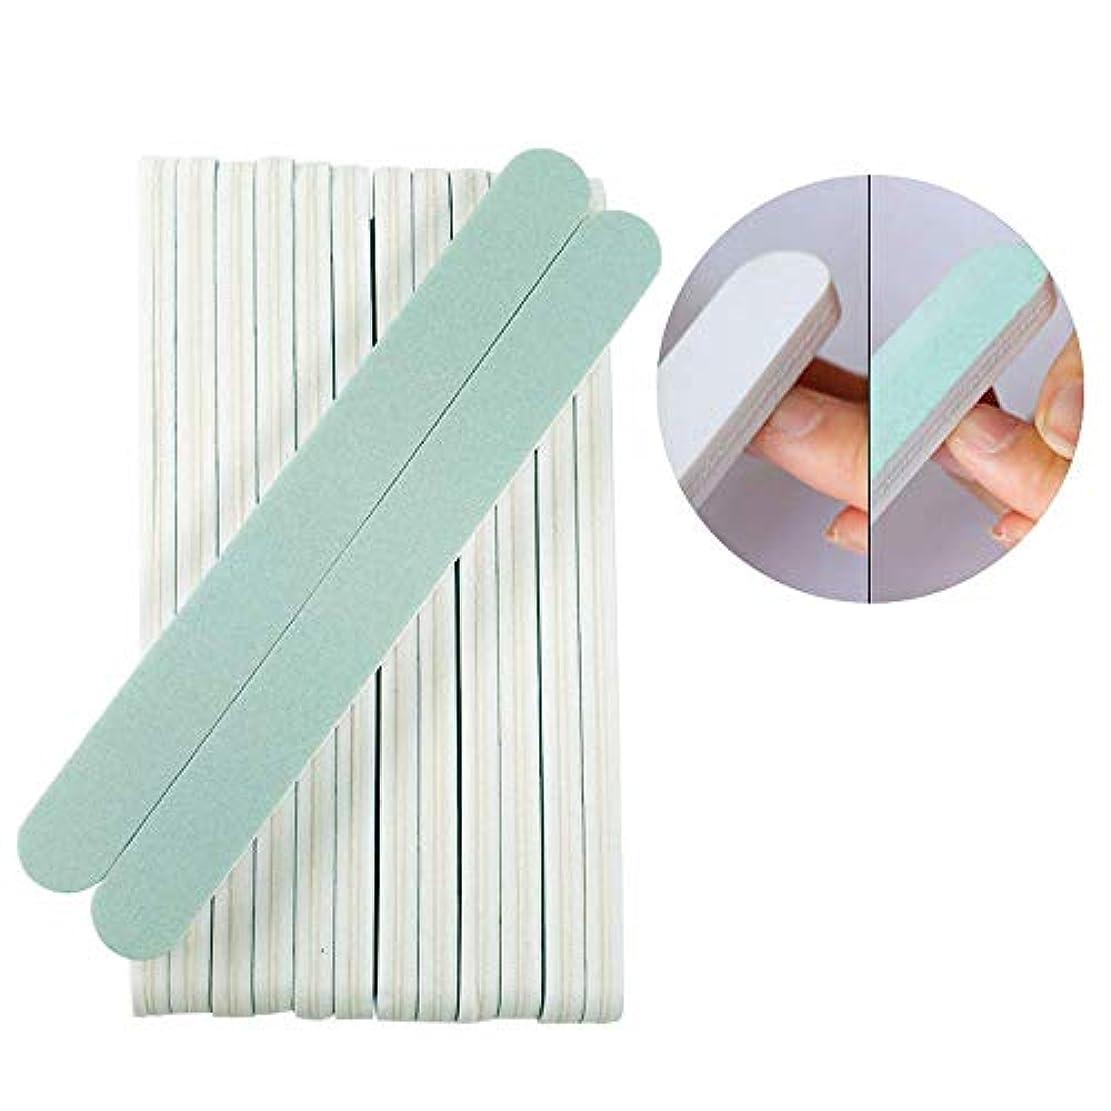 カリキュラム提案効能あるジェルネイルファイルセット プロネイルバッファー 爪やすり 爪磨きスポンジ ネイルシャイナーバッファー600/3000 グリット14本セット